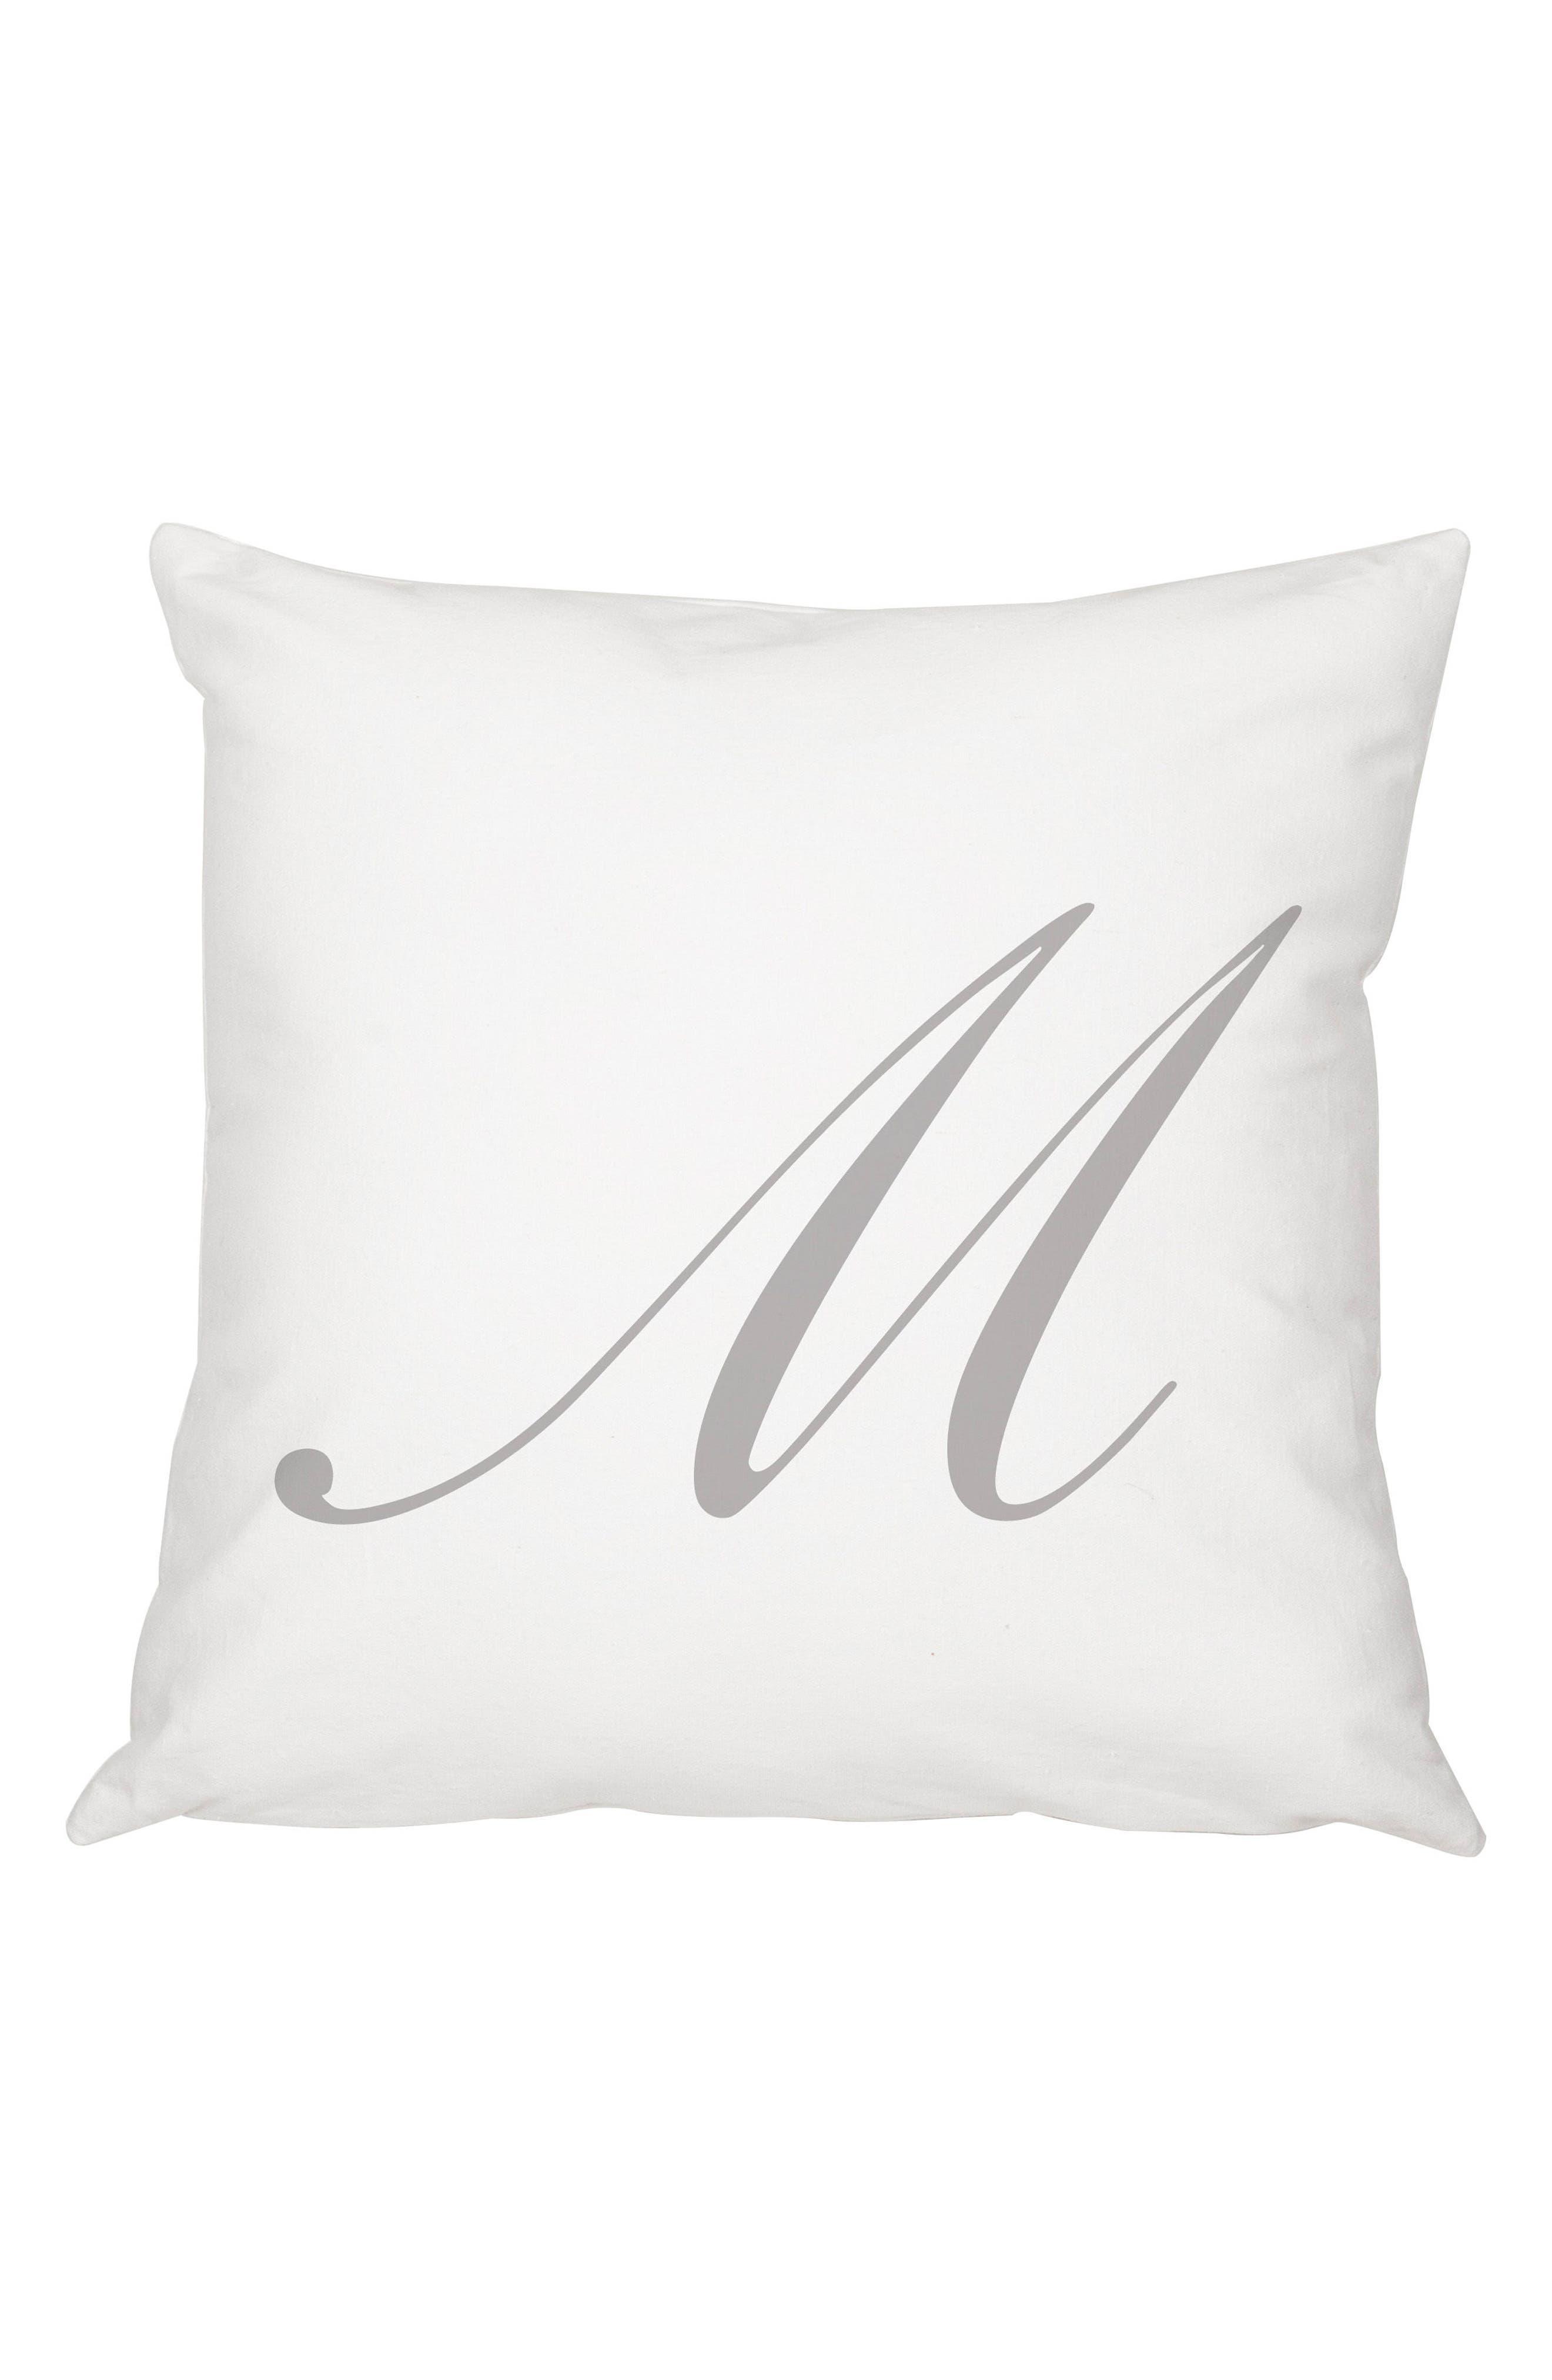 Script Monogram Accent Pillow,                             Main thumbnail 13, color,